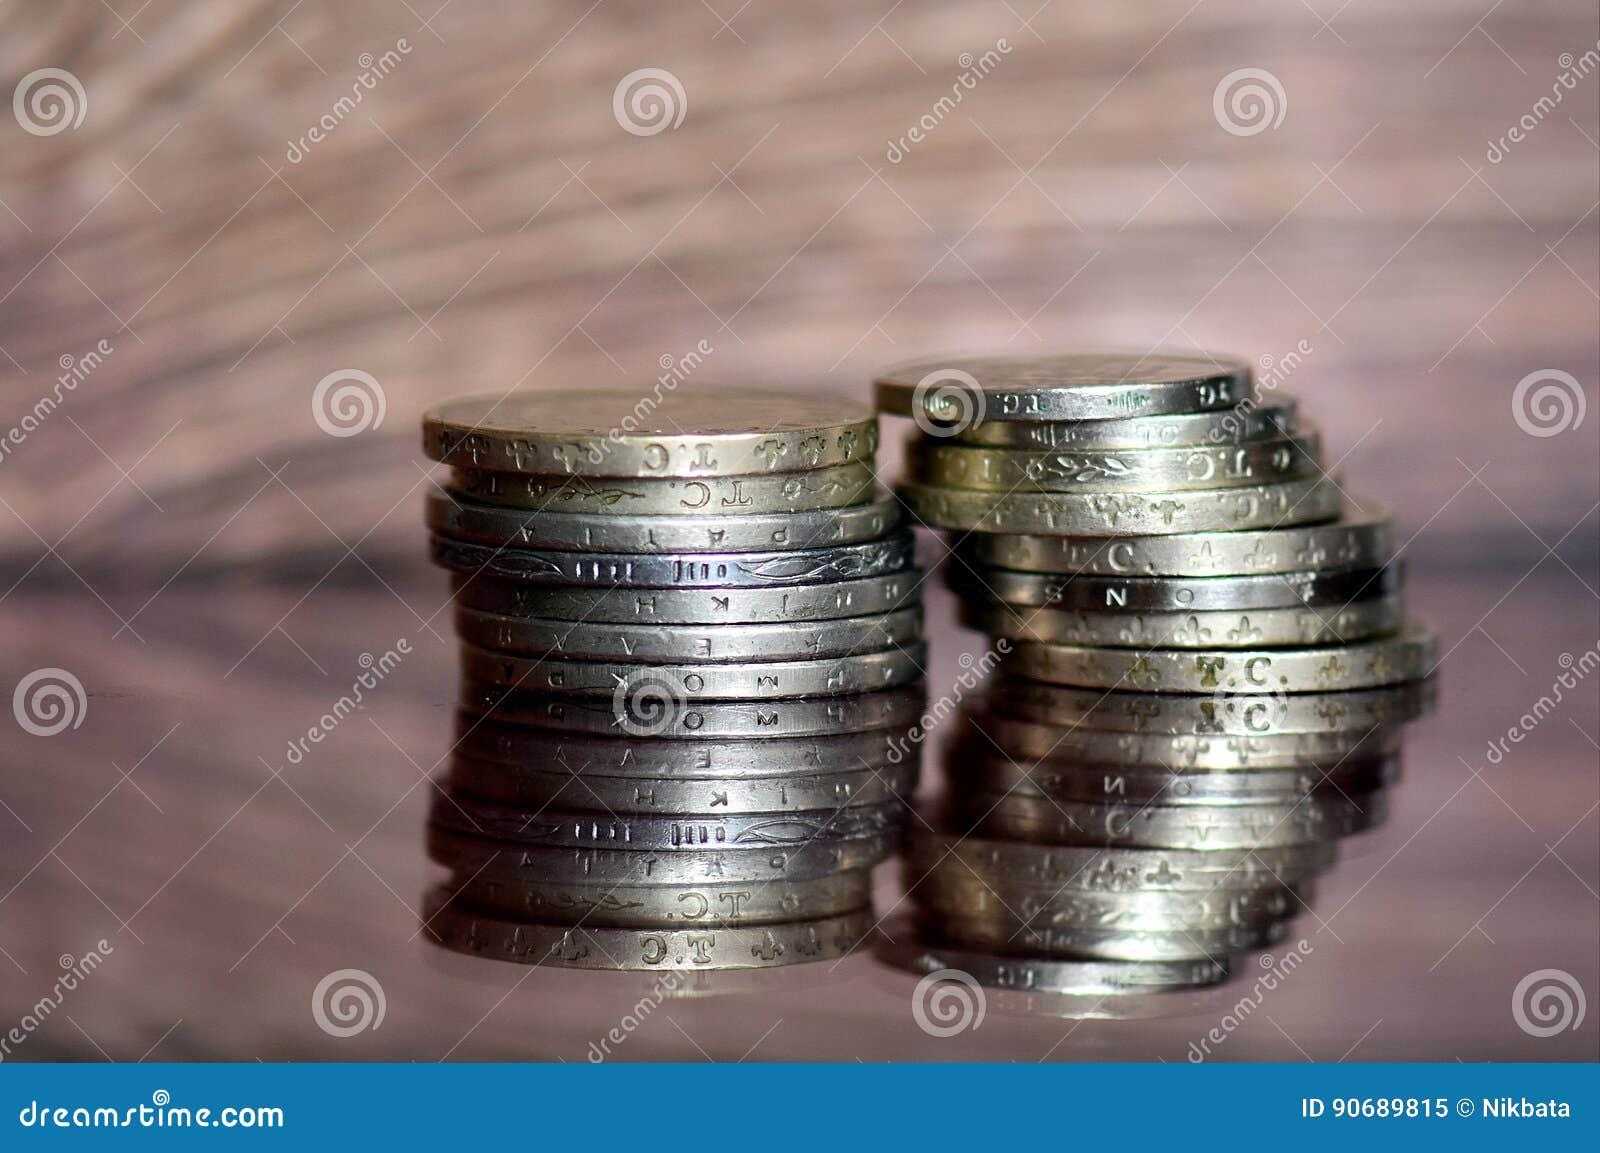 Los Alte Wertvolle Münzen Stockbild Bild Von Geld Fonds 90689815